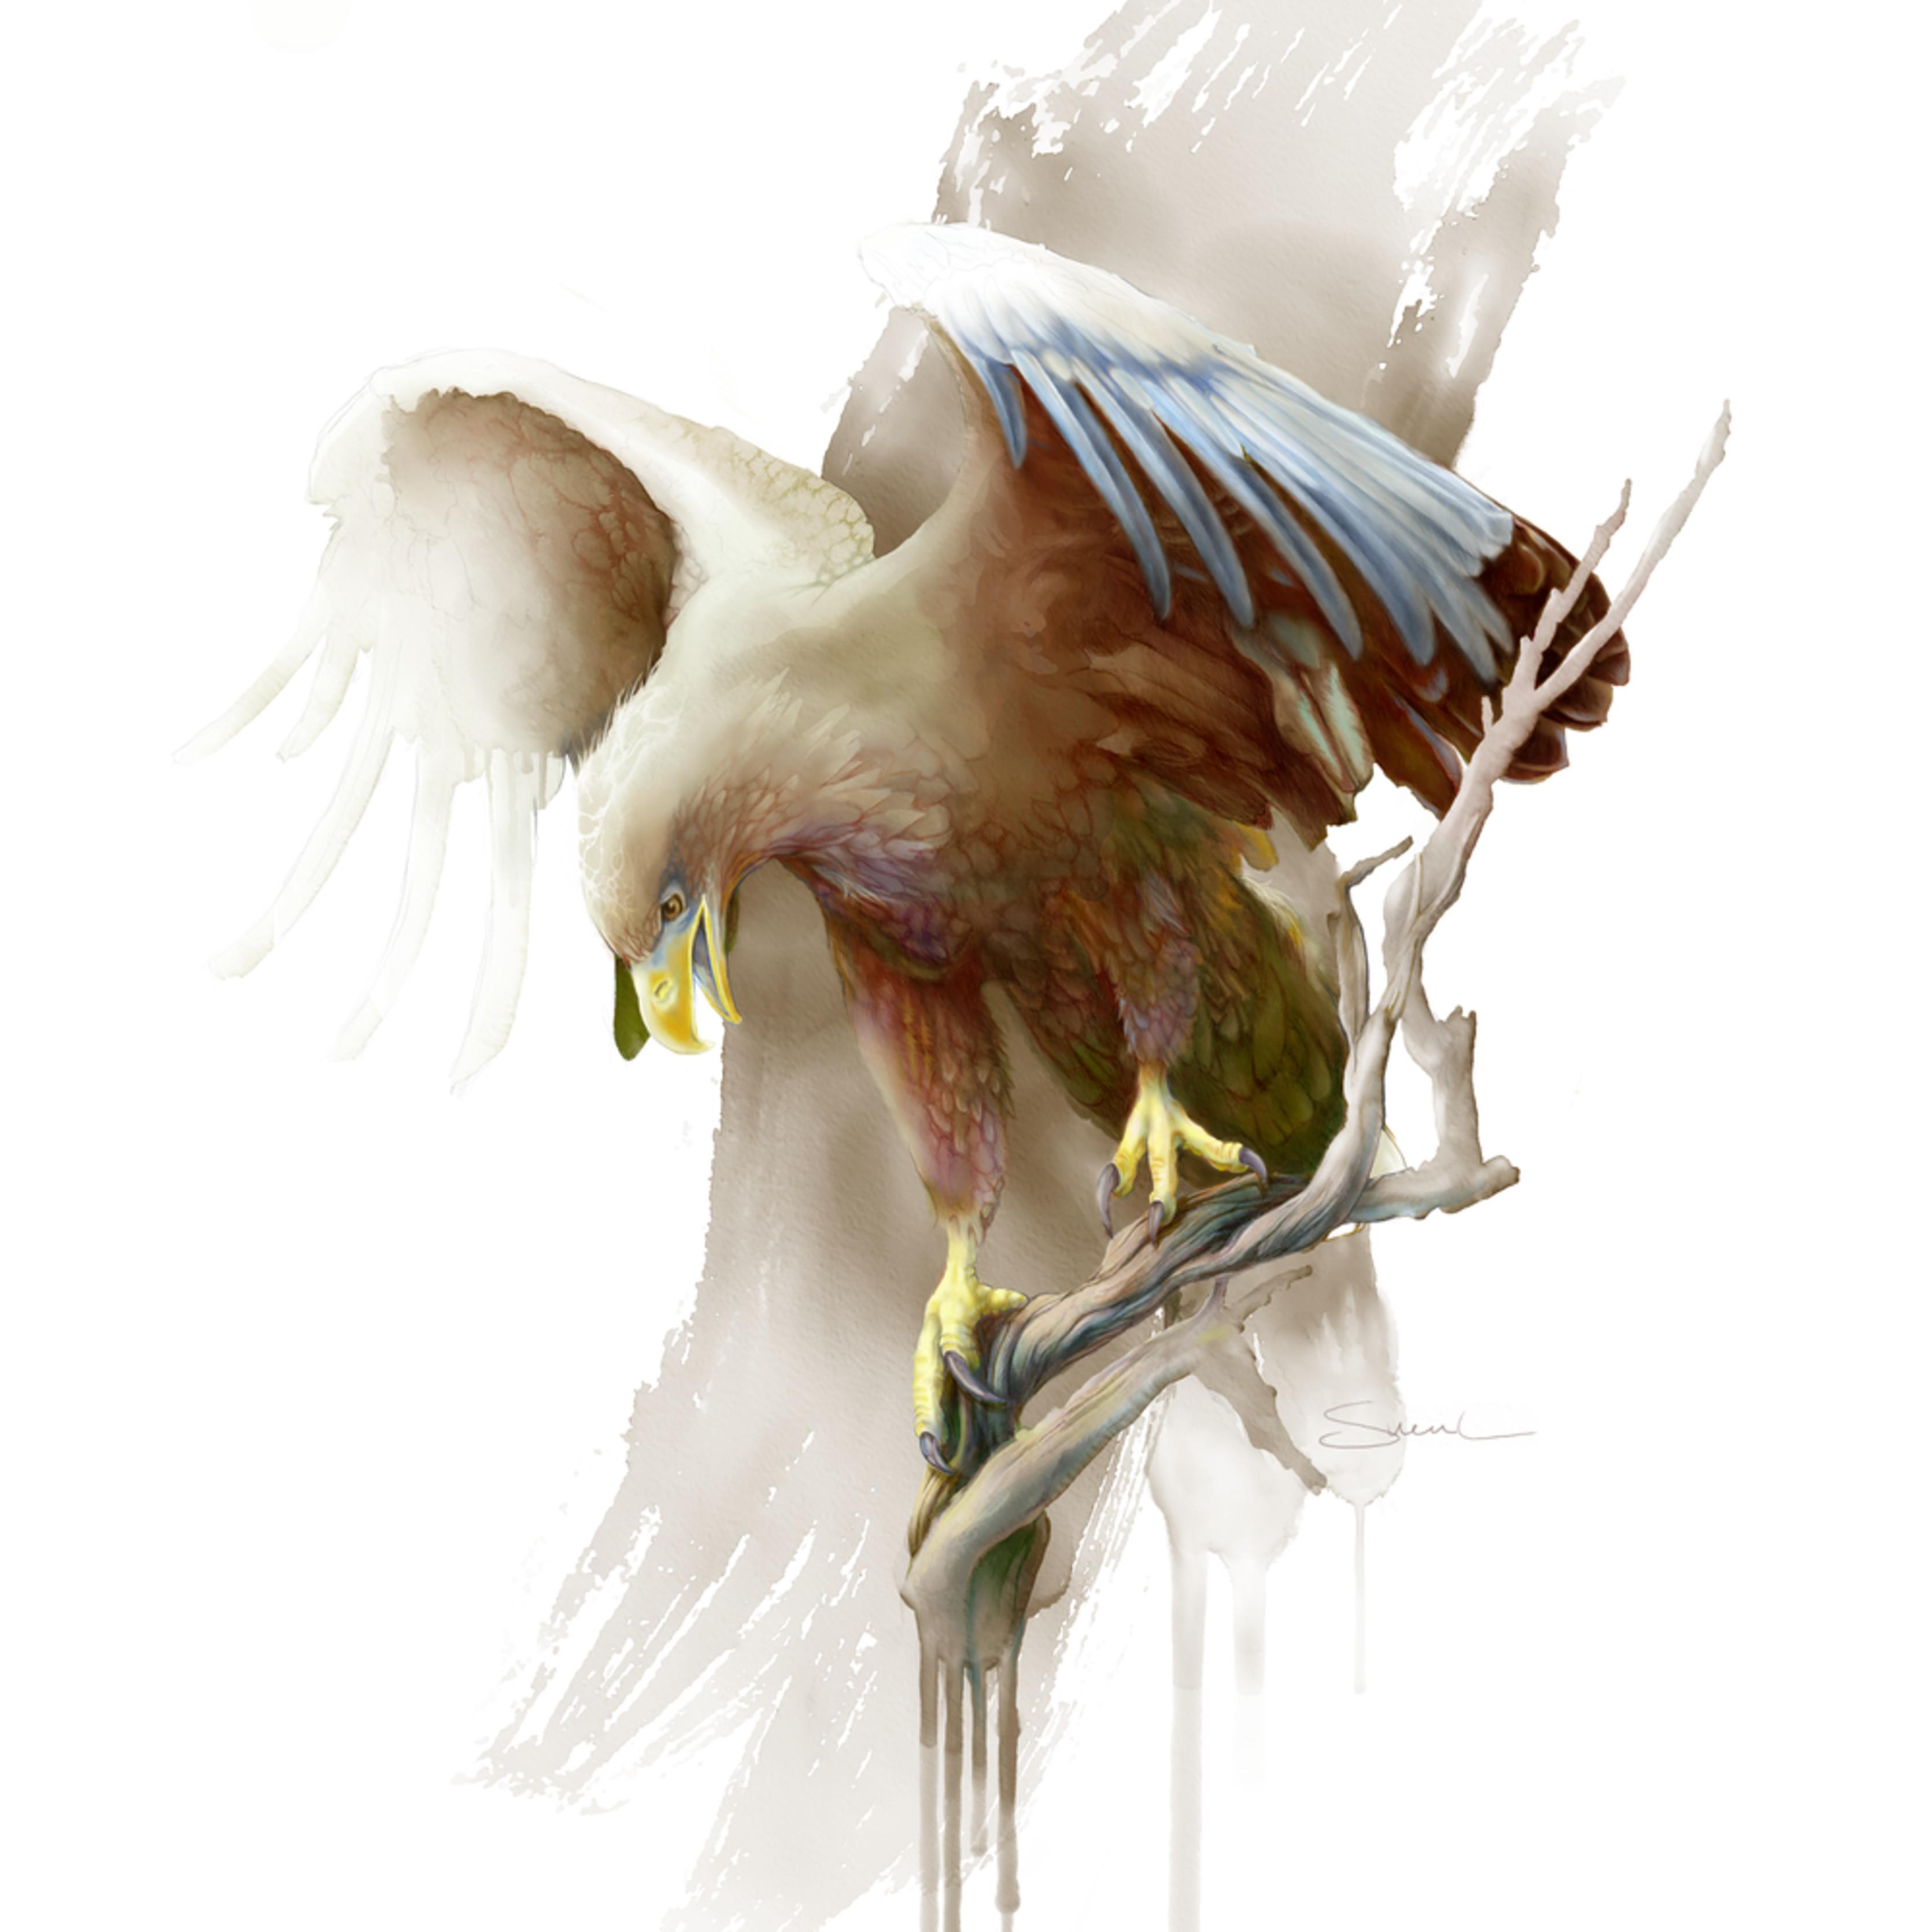 White tail eagle znbol5